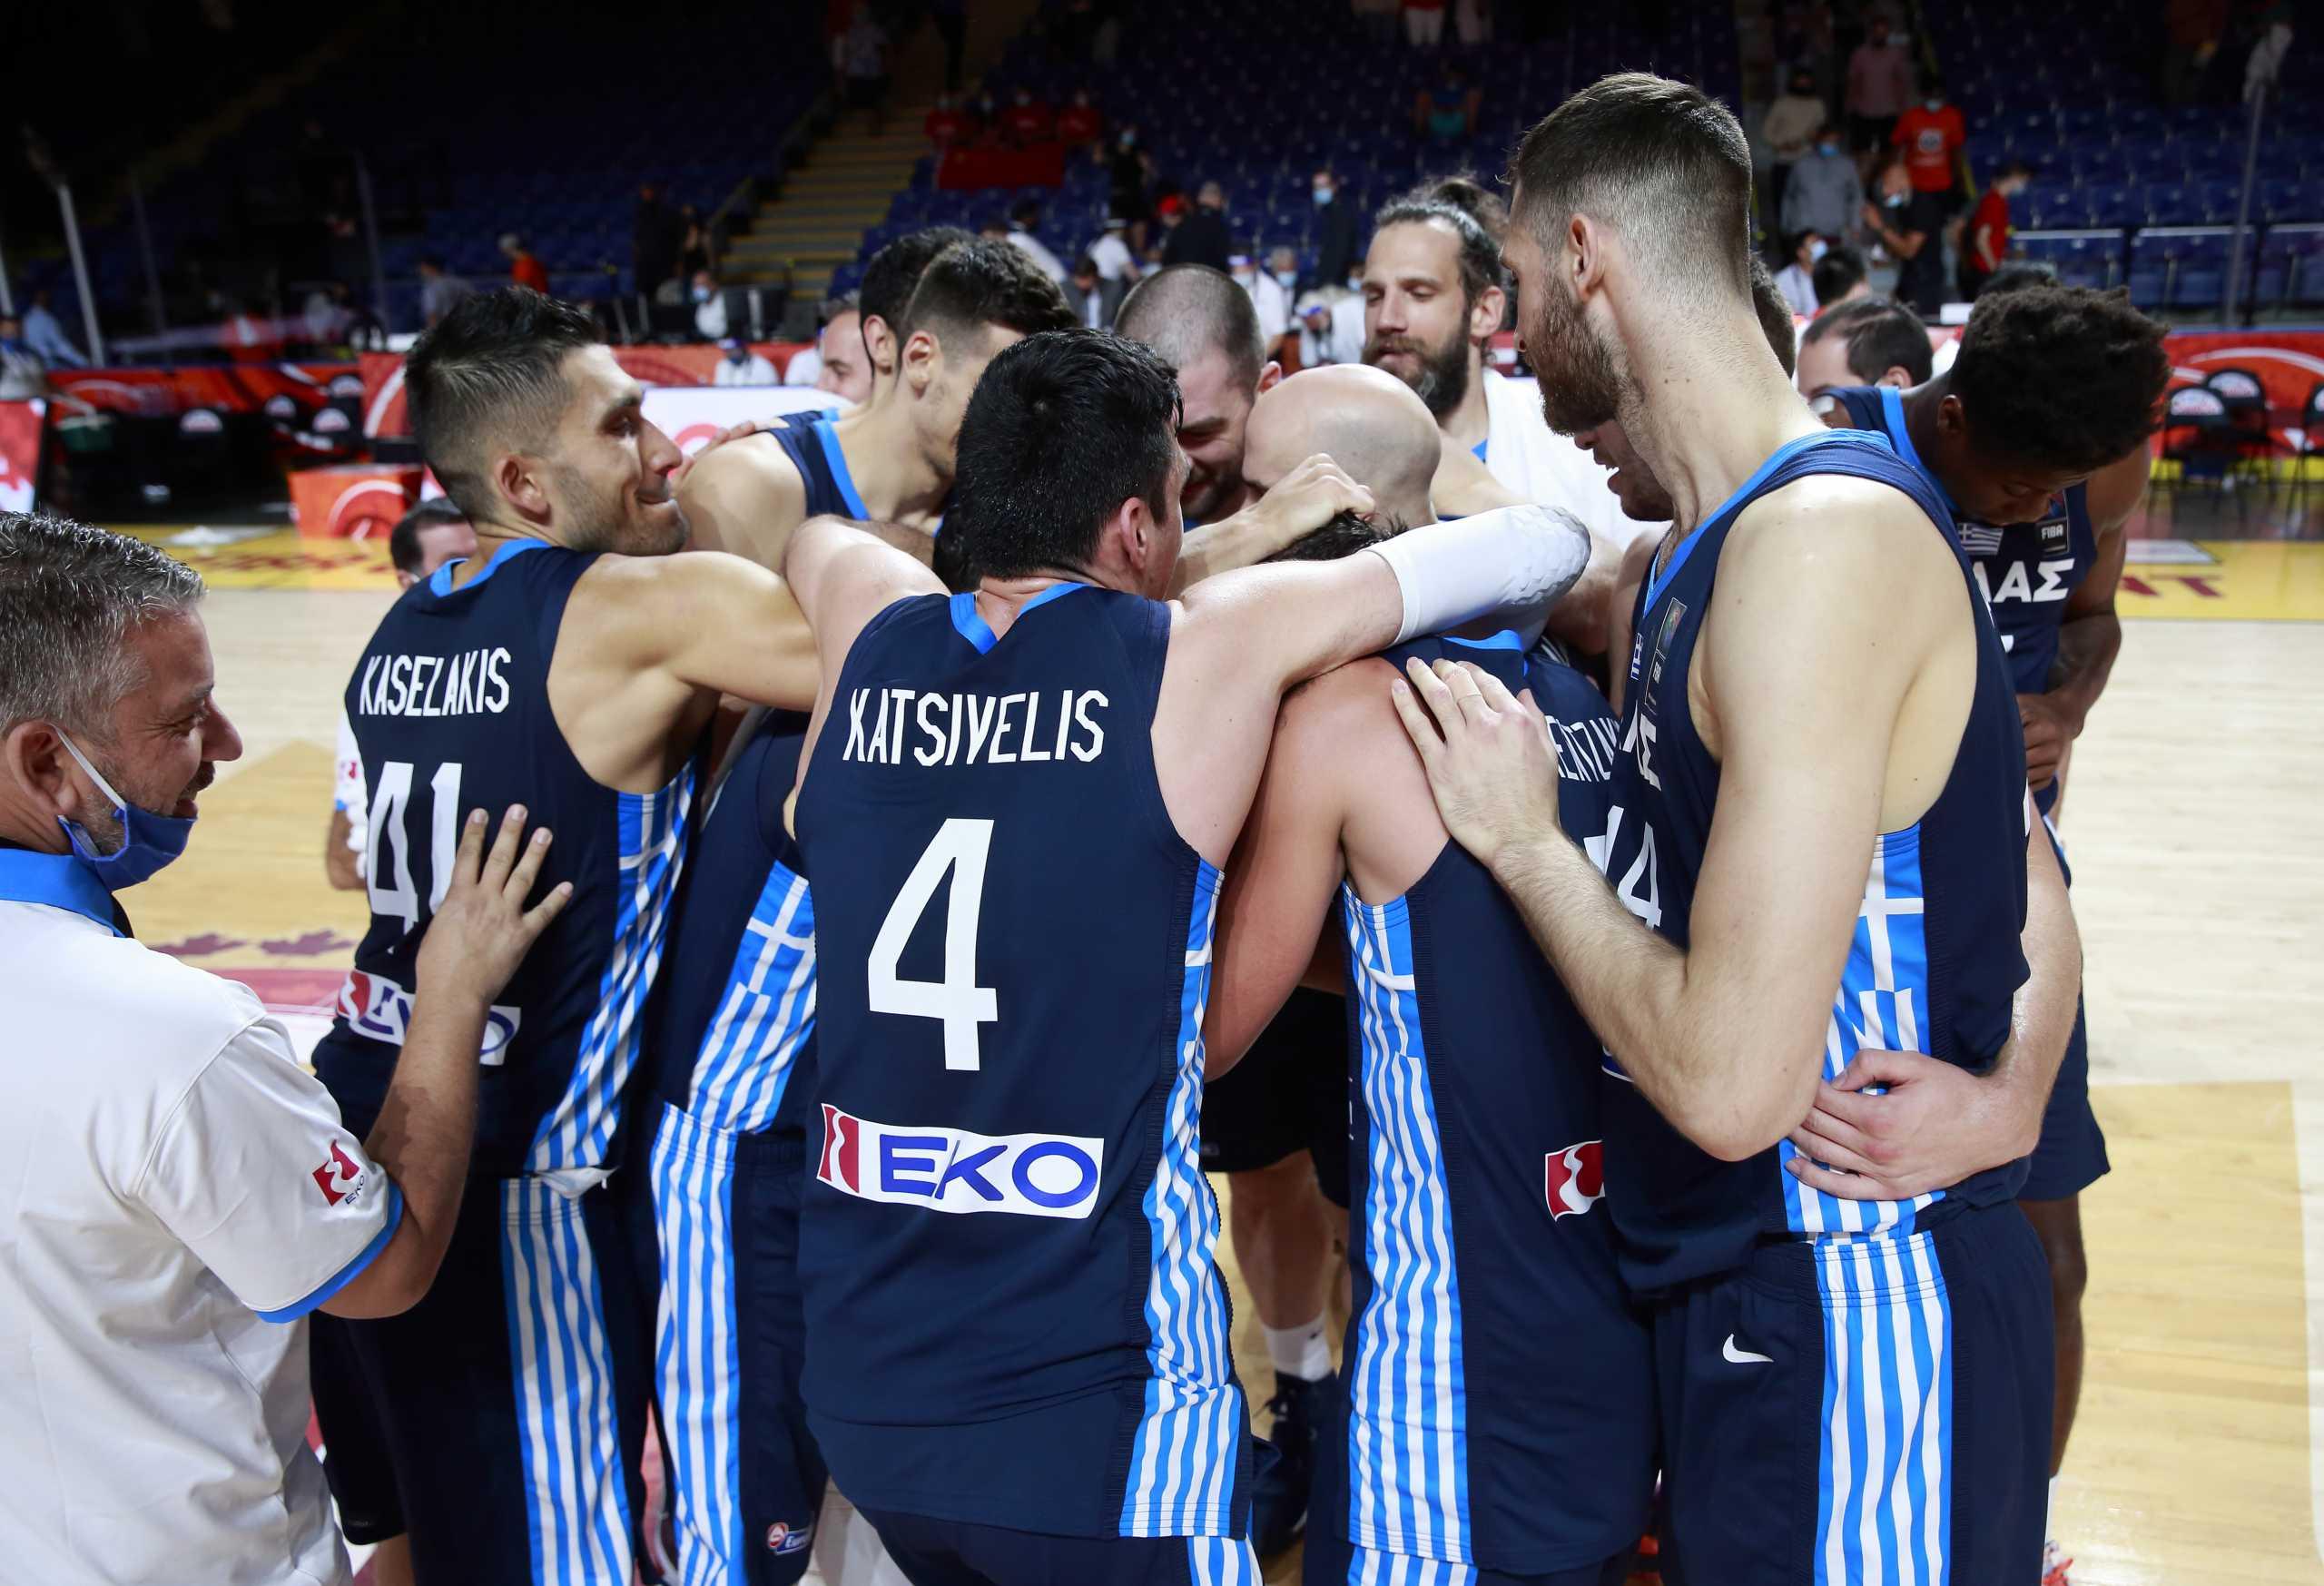 Ελλάδα – Τουρκία: Όλα για την πρόκριση στον τελικό του προολυμπιακού τουρνουά